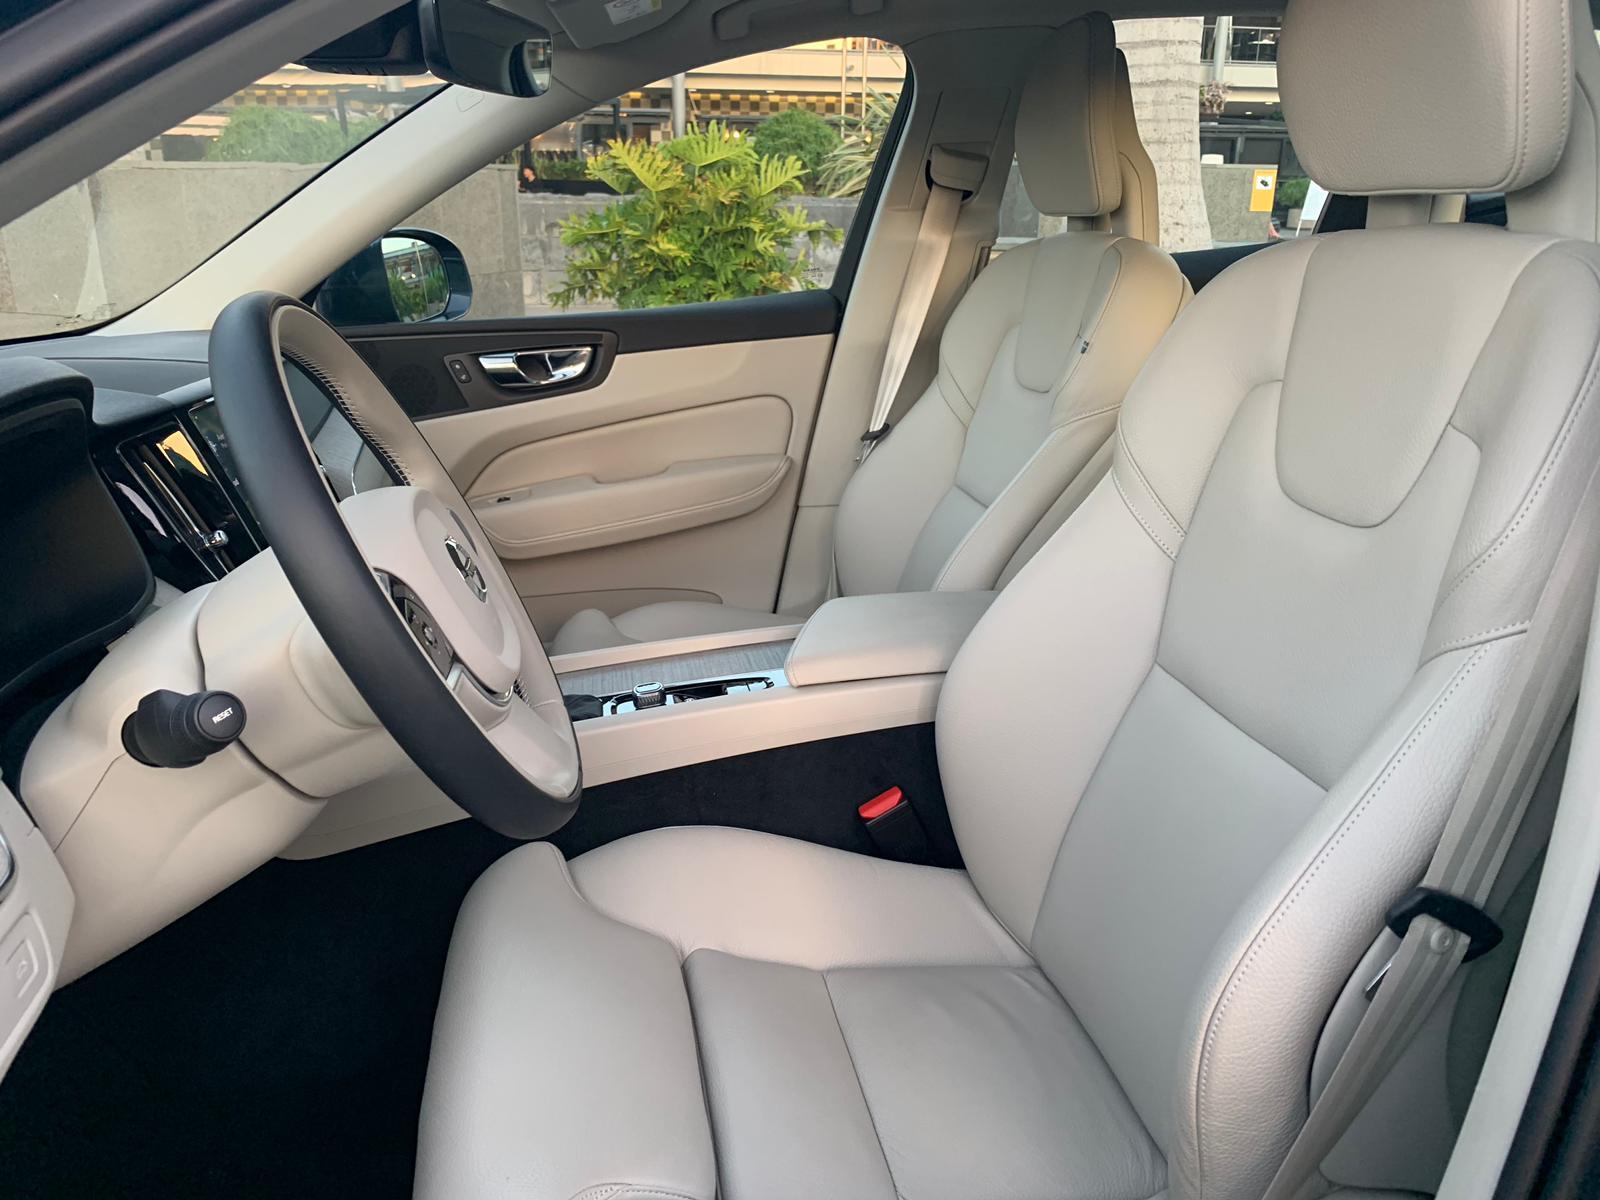 XC60 2.0 INSCRIPTION D4 AWD 2018 SEP19 (27)